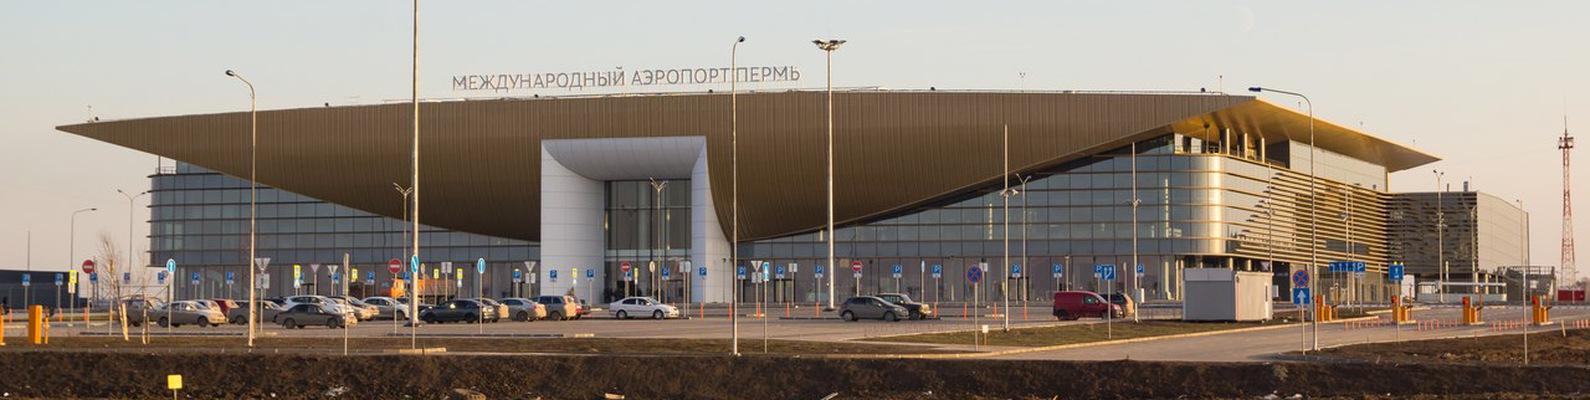 Мпк эко-фуд п.николаевский